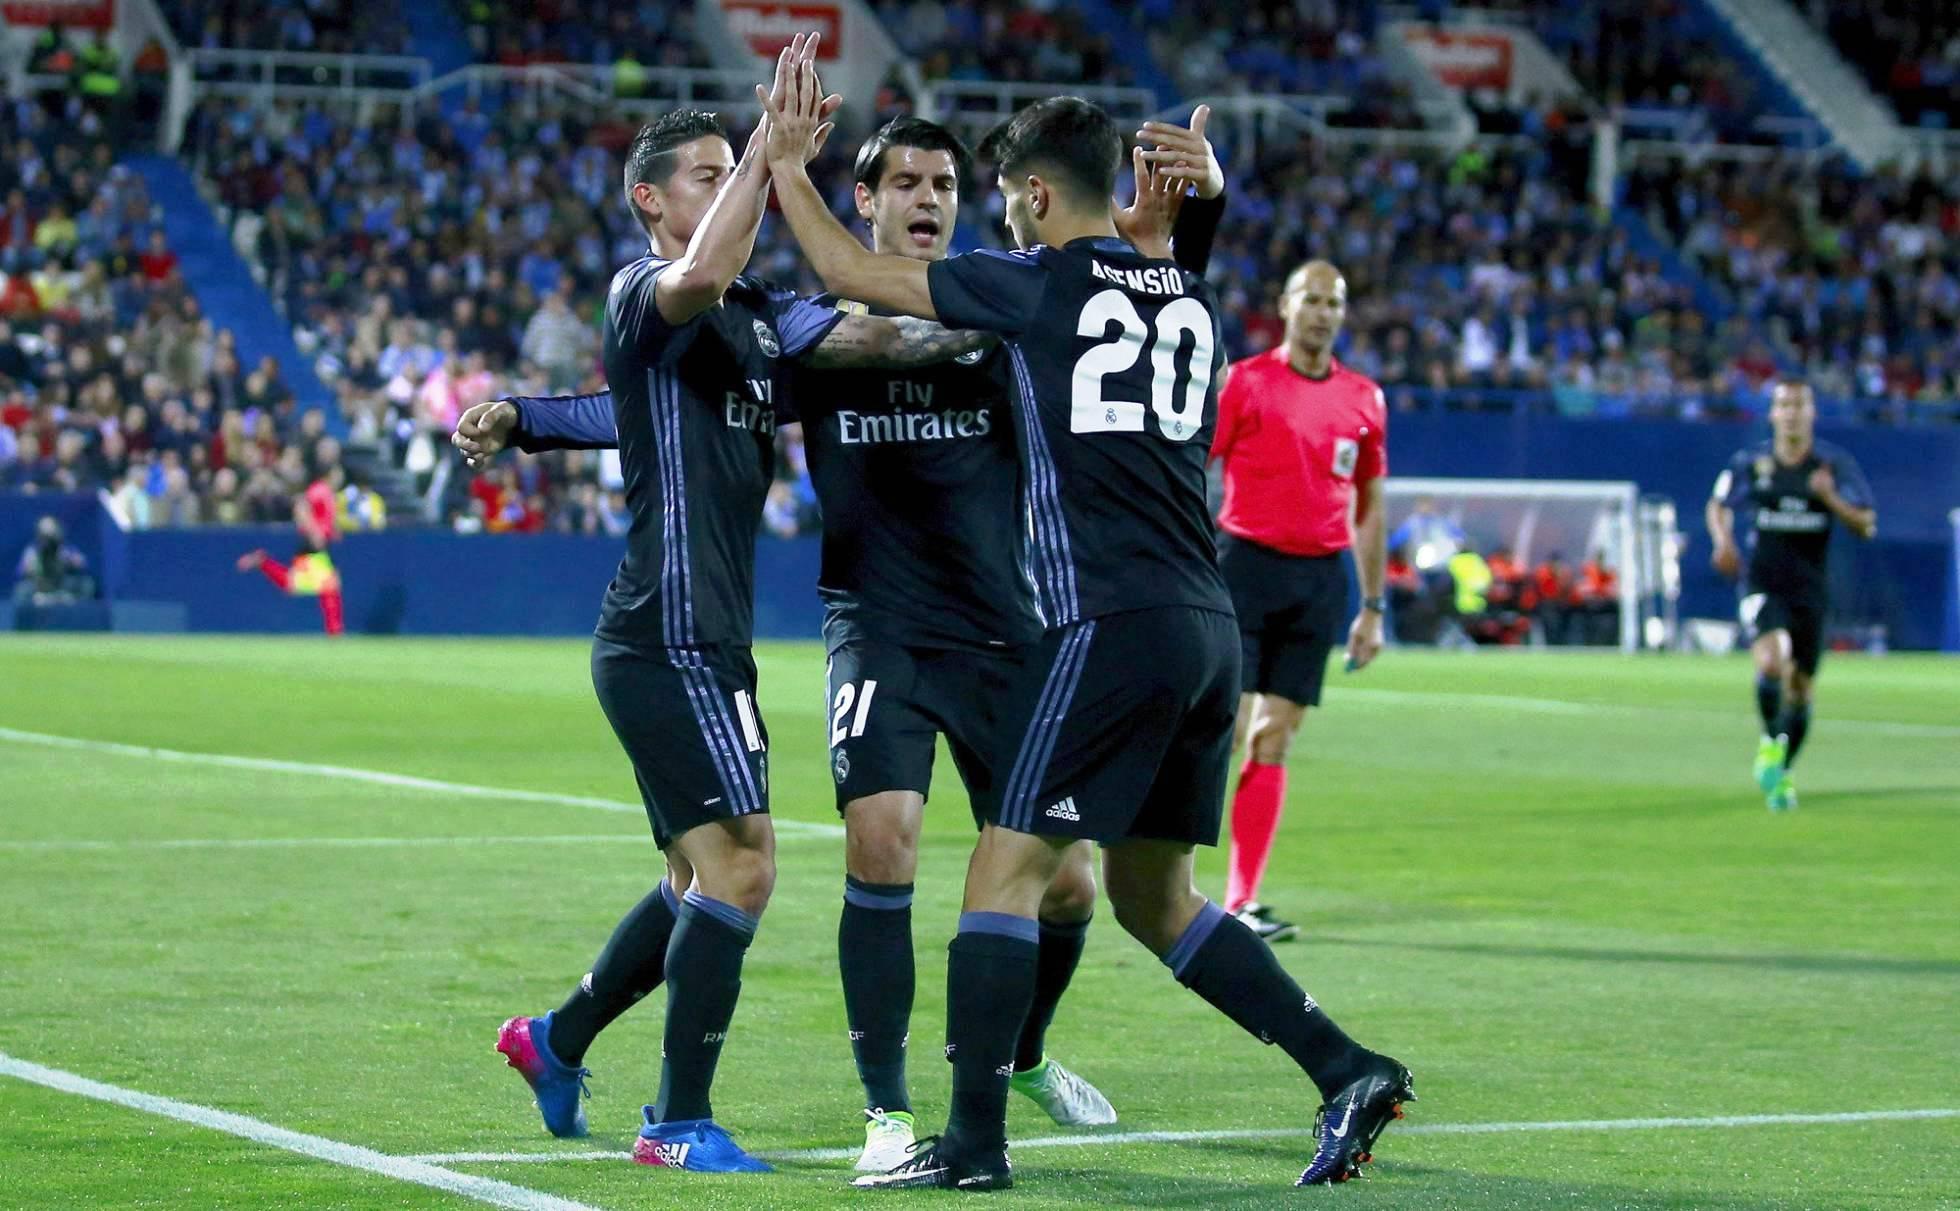 El fútbol no para y el Madrid tampoco